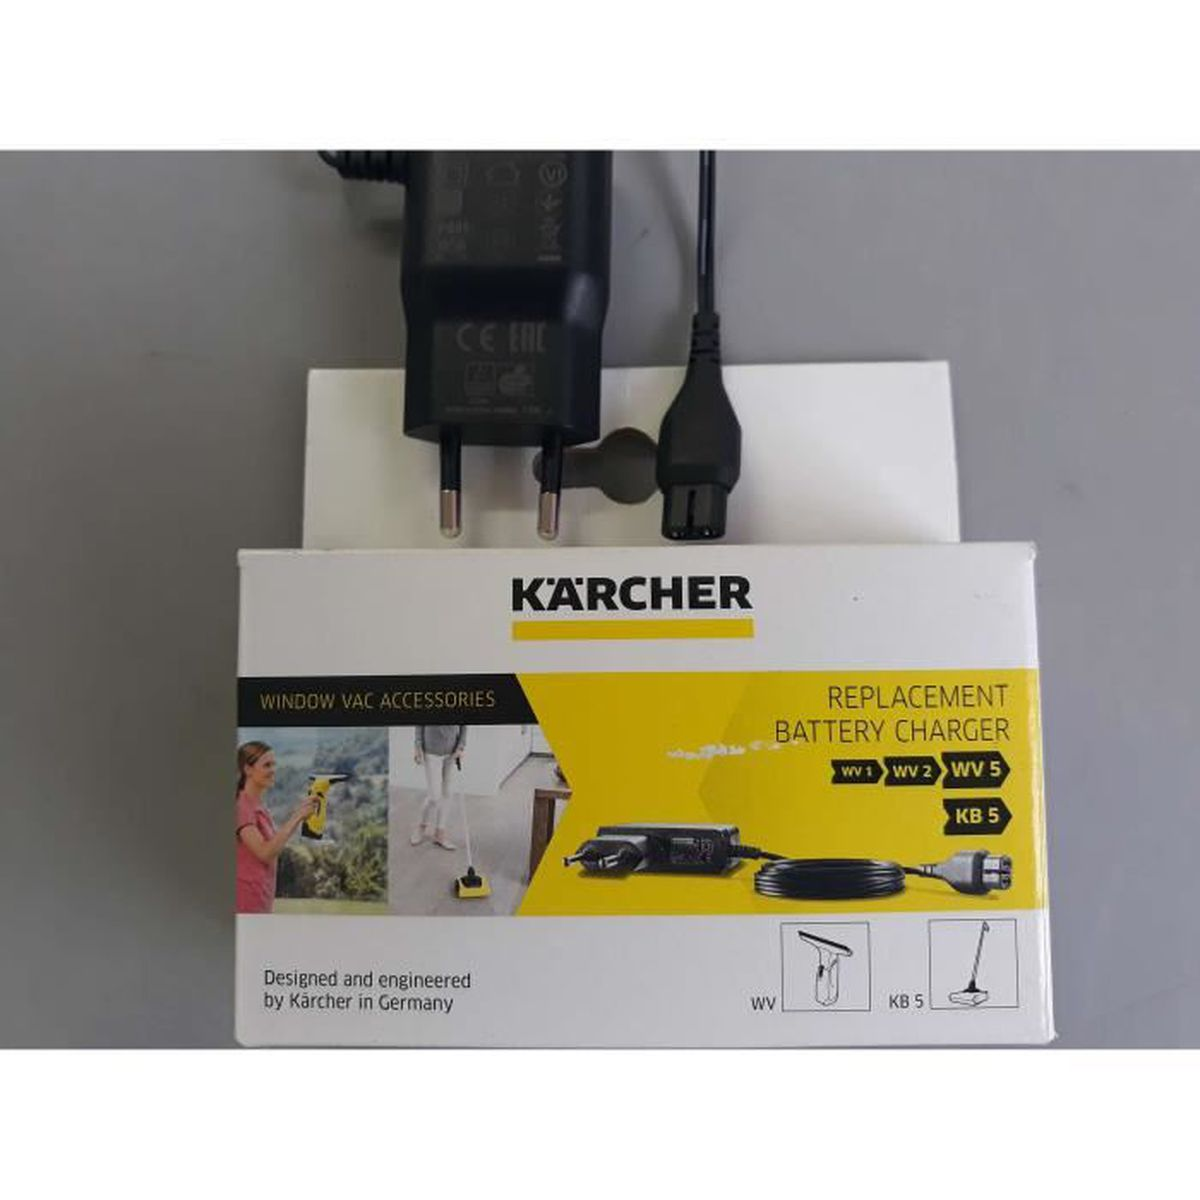 Karcher WV 2 Fenêtre Vac Pièces de rechange Karcher accessoires pièces